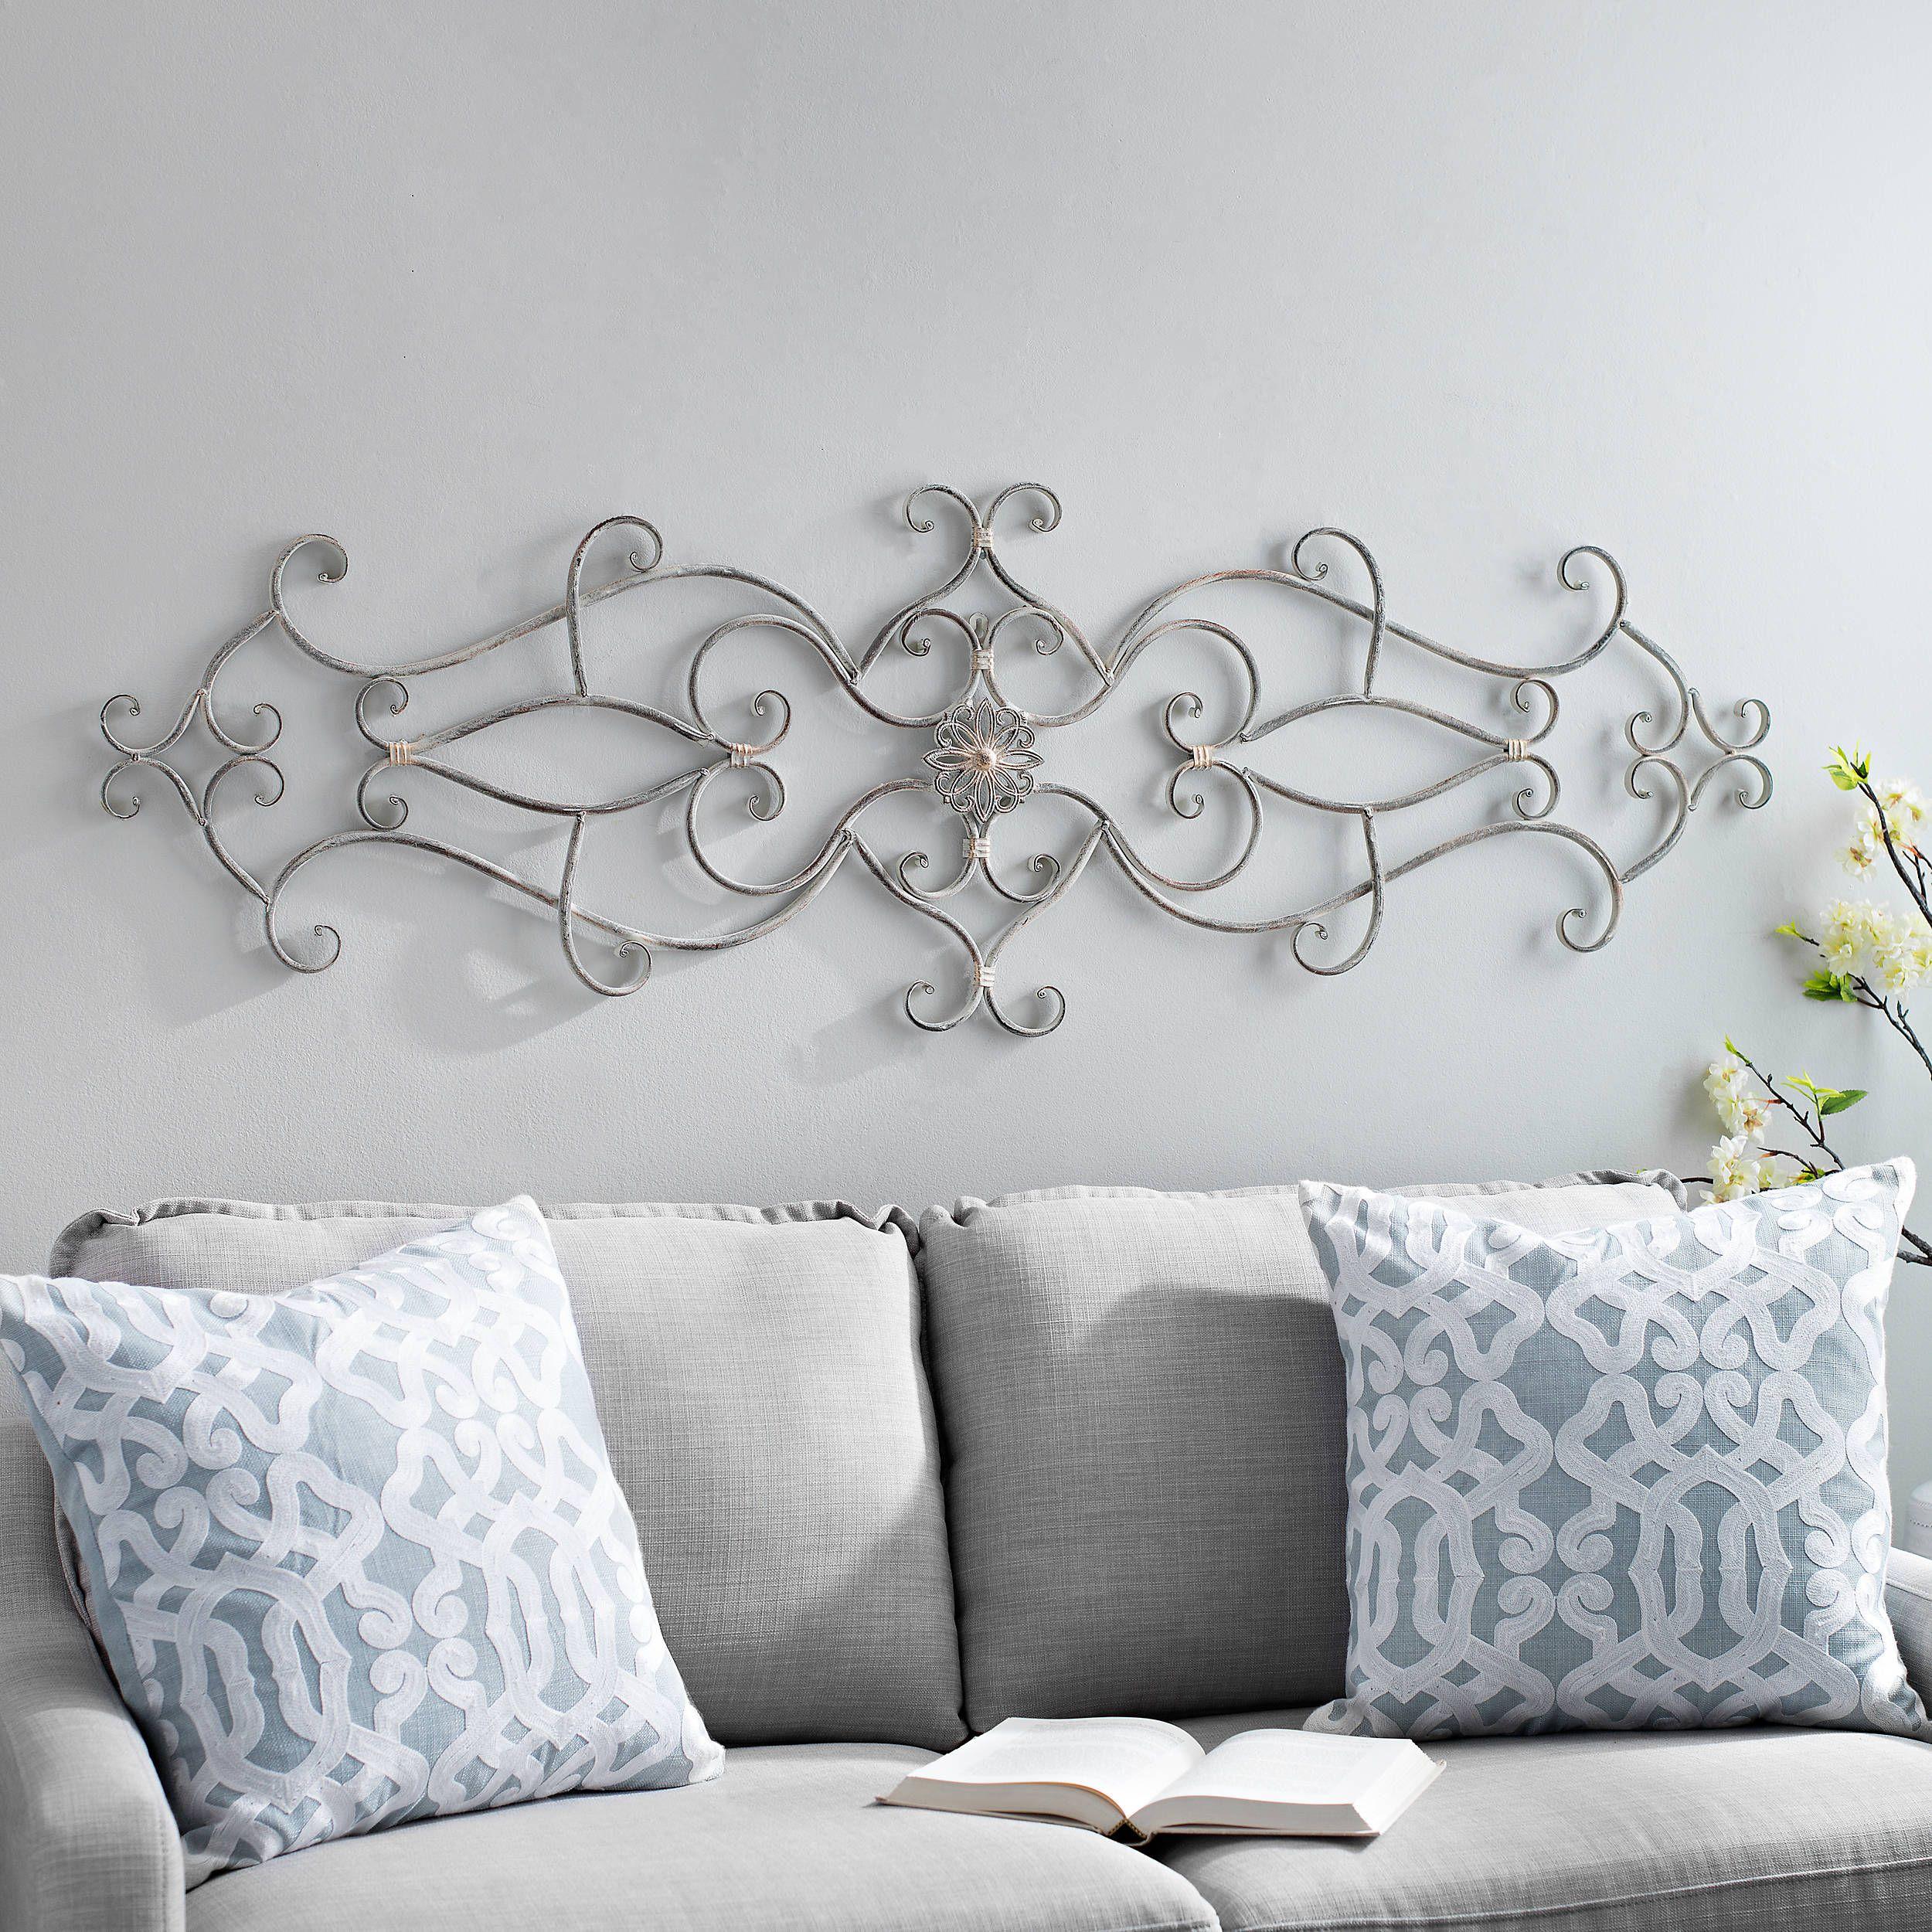 Shelley Whitewash Metal Wall Plaque Wall Decor Wooden Wall Plaques Wall Plaques